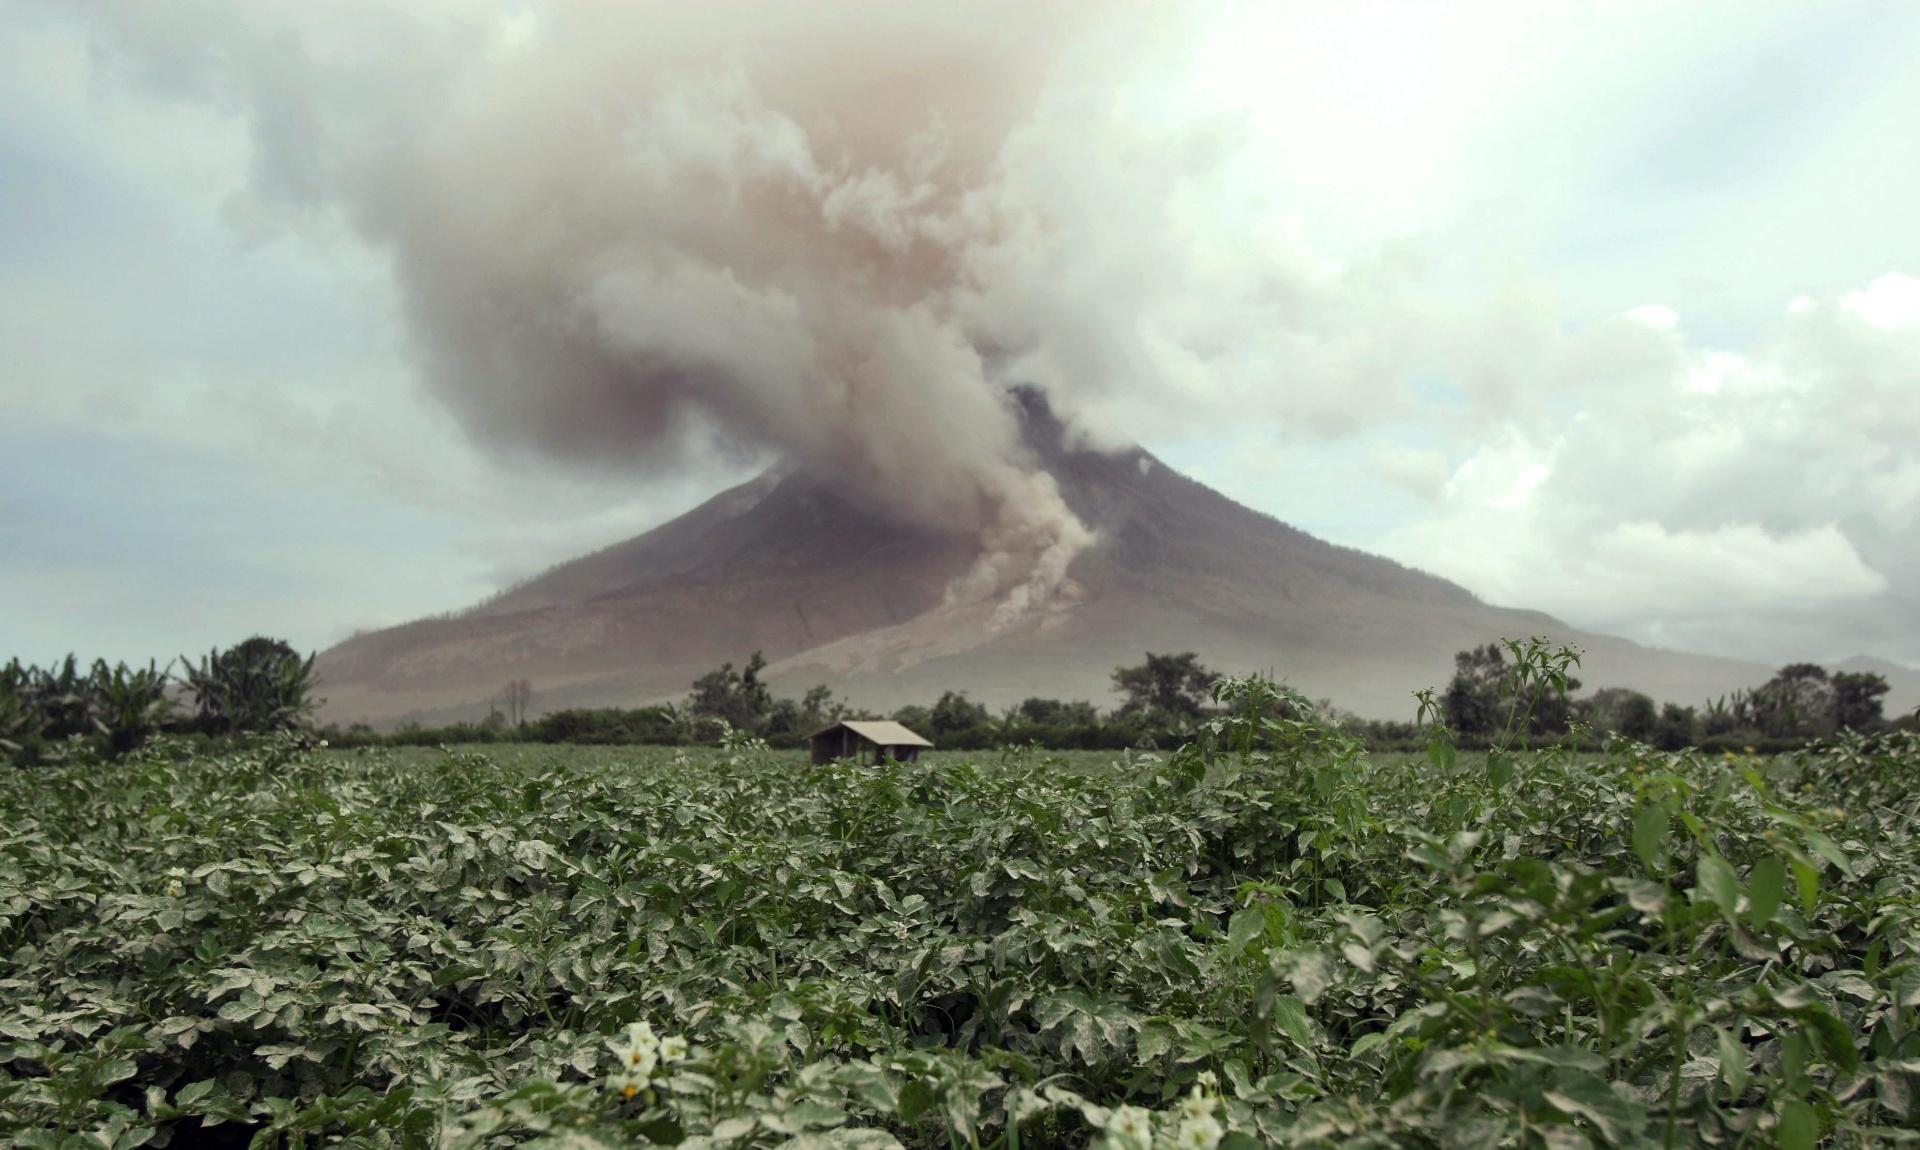 14.jun.2015 - Monte Sinabung expele gás vulcânico em imagem realizada na vila de Tiga Serangkai, em Karo, na ilha da Sumatra do Norte, na Indonésia